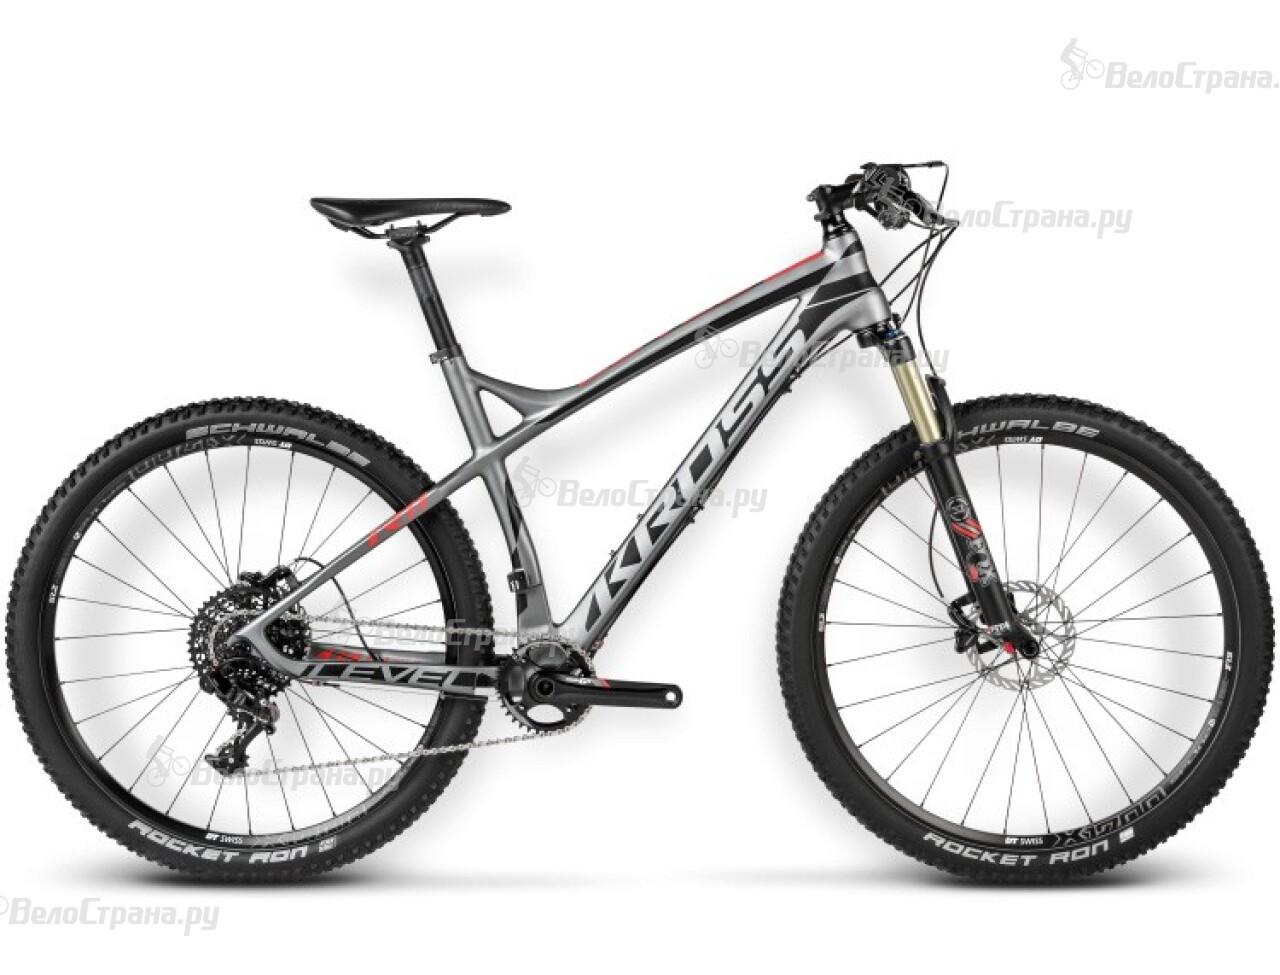 Велосипед Kross Level R11 (2016) велосипед kross level b7 2016